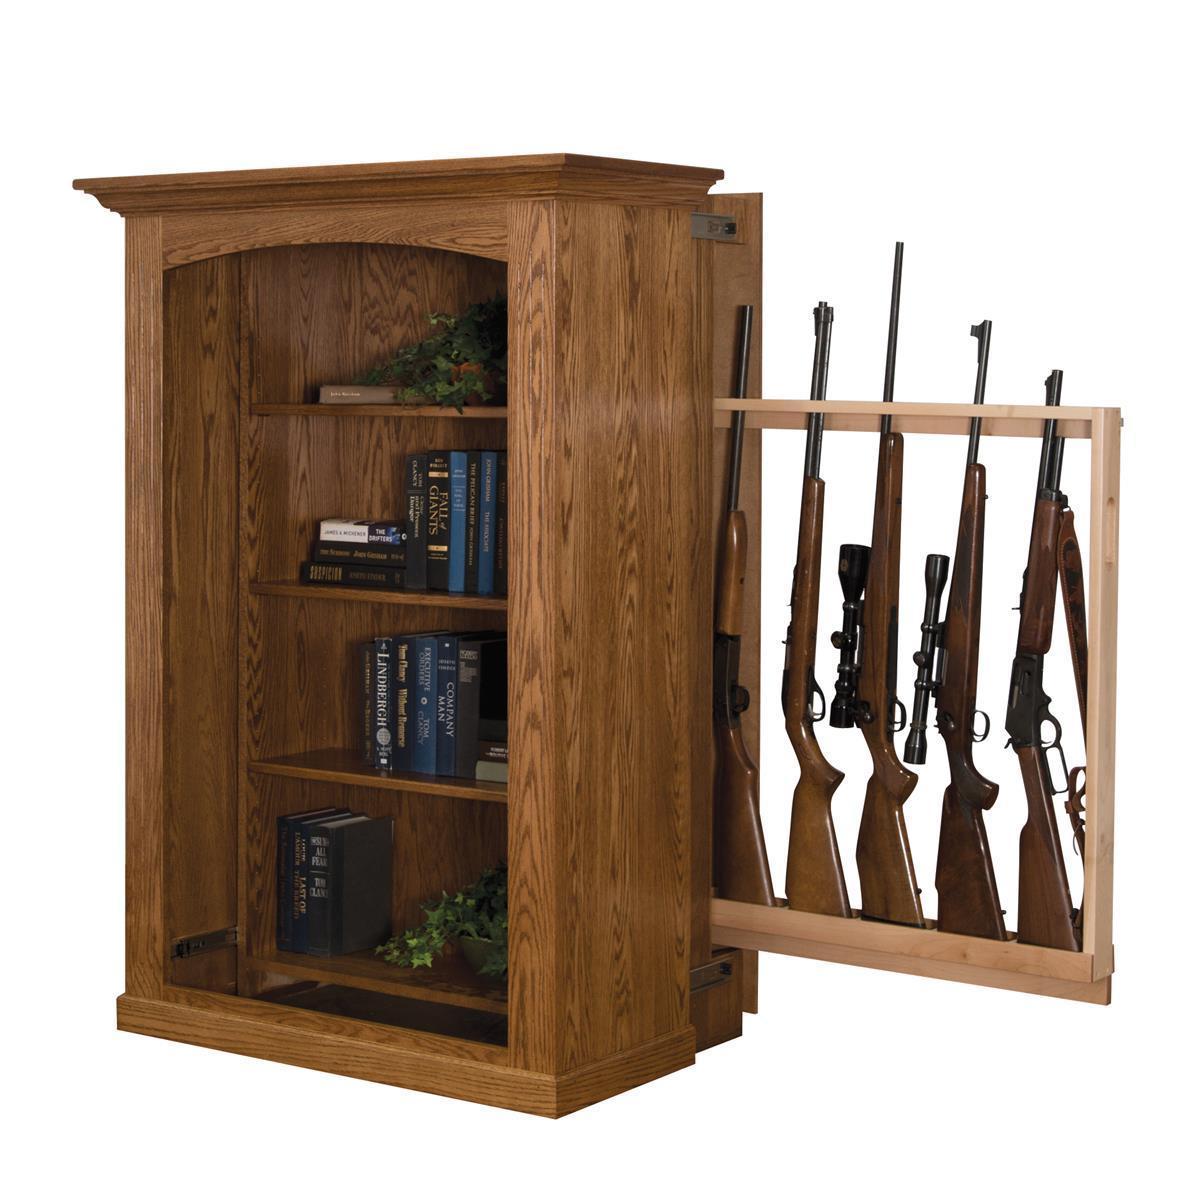 Fullsize Of Hidden Gun Cabinet